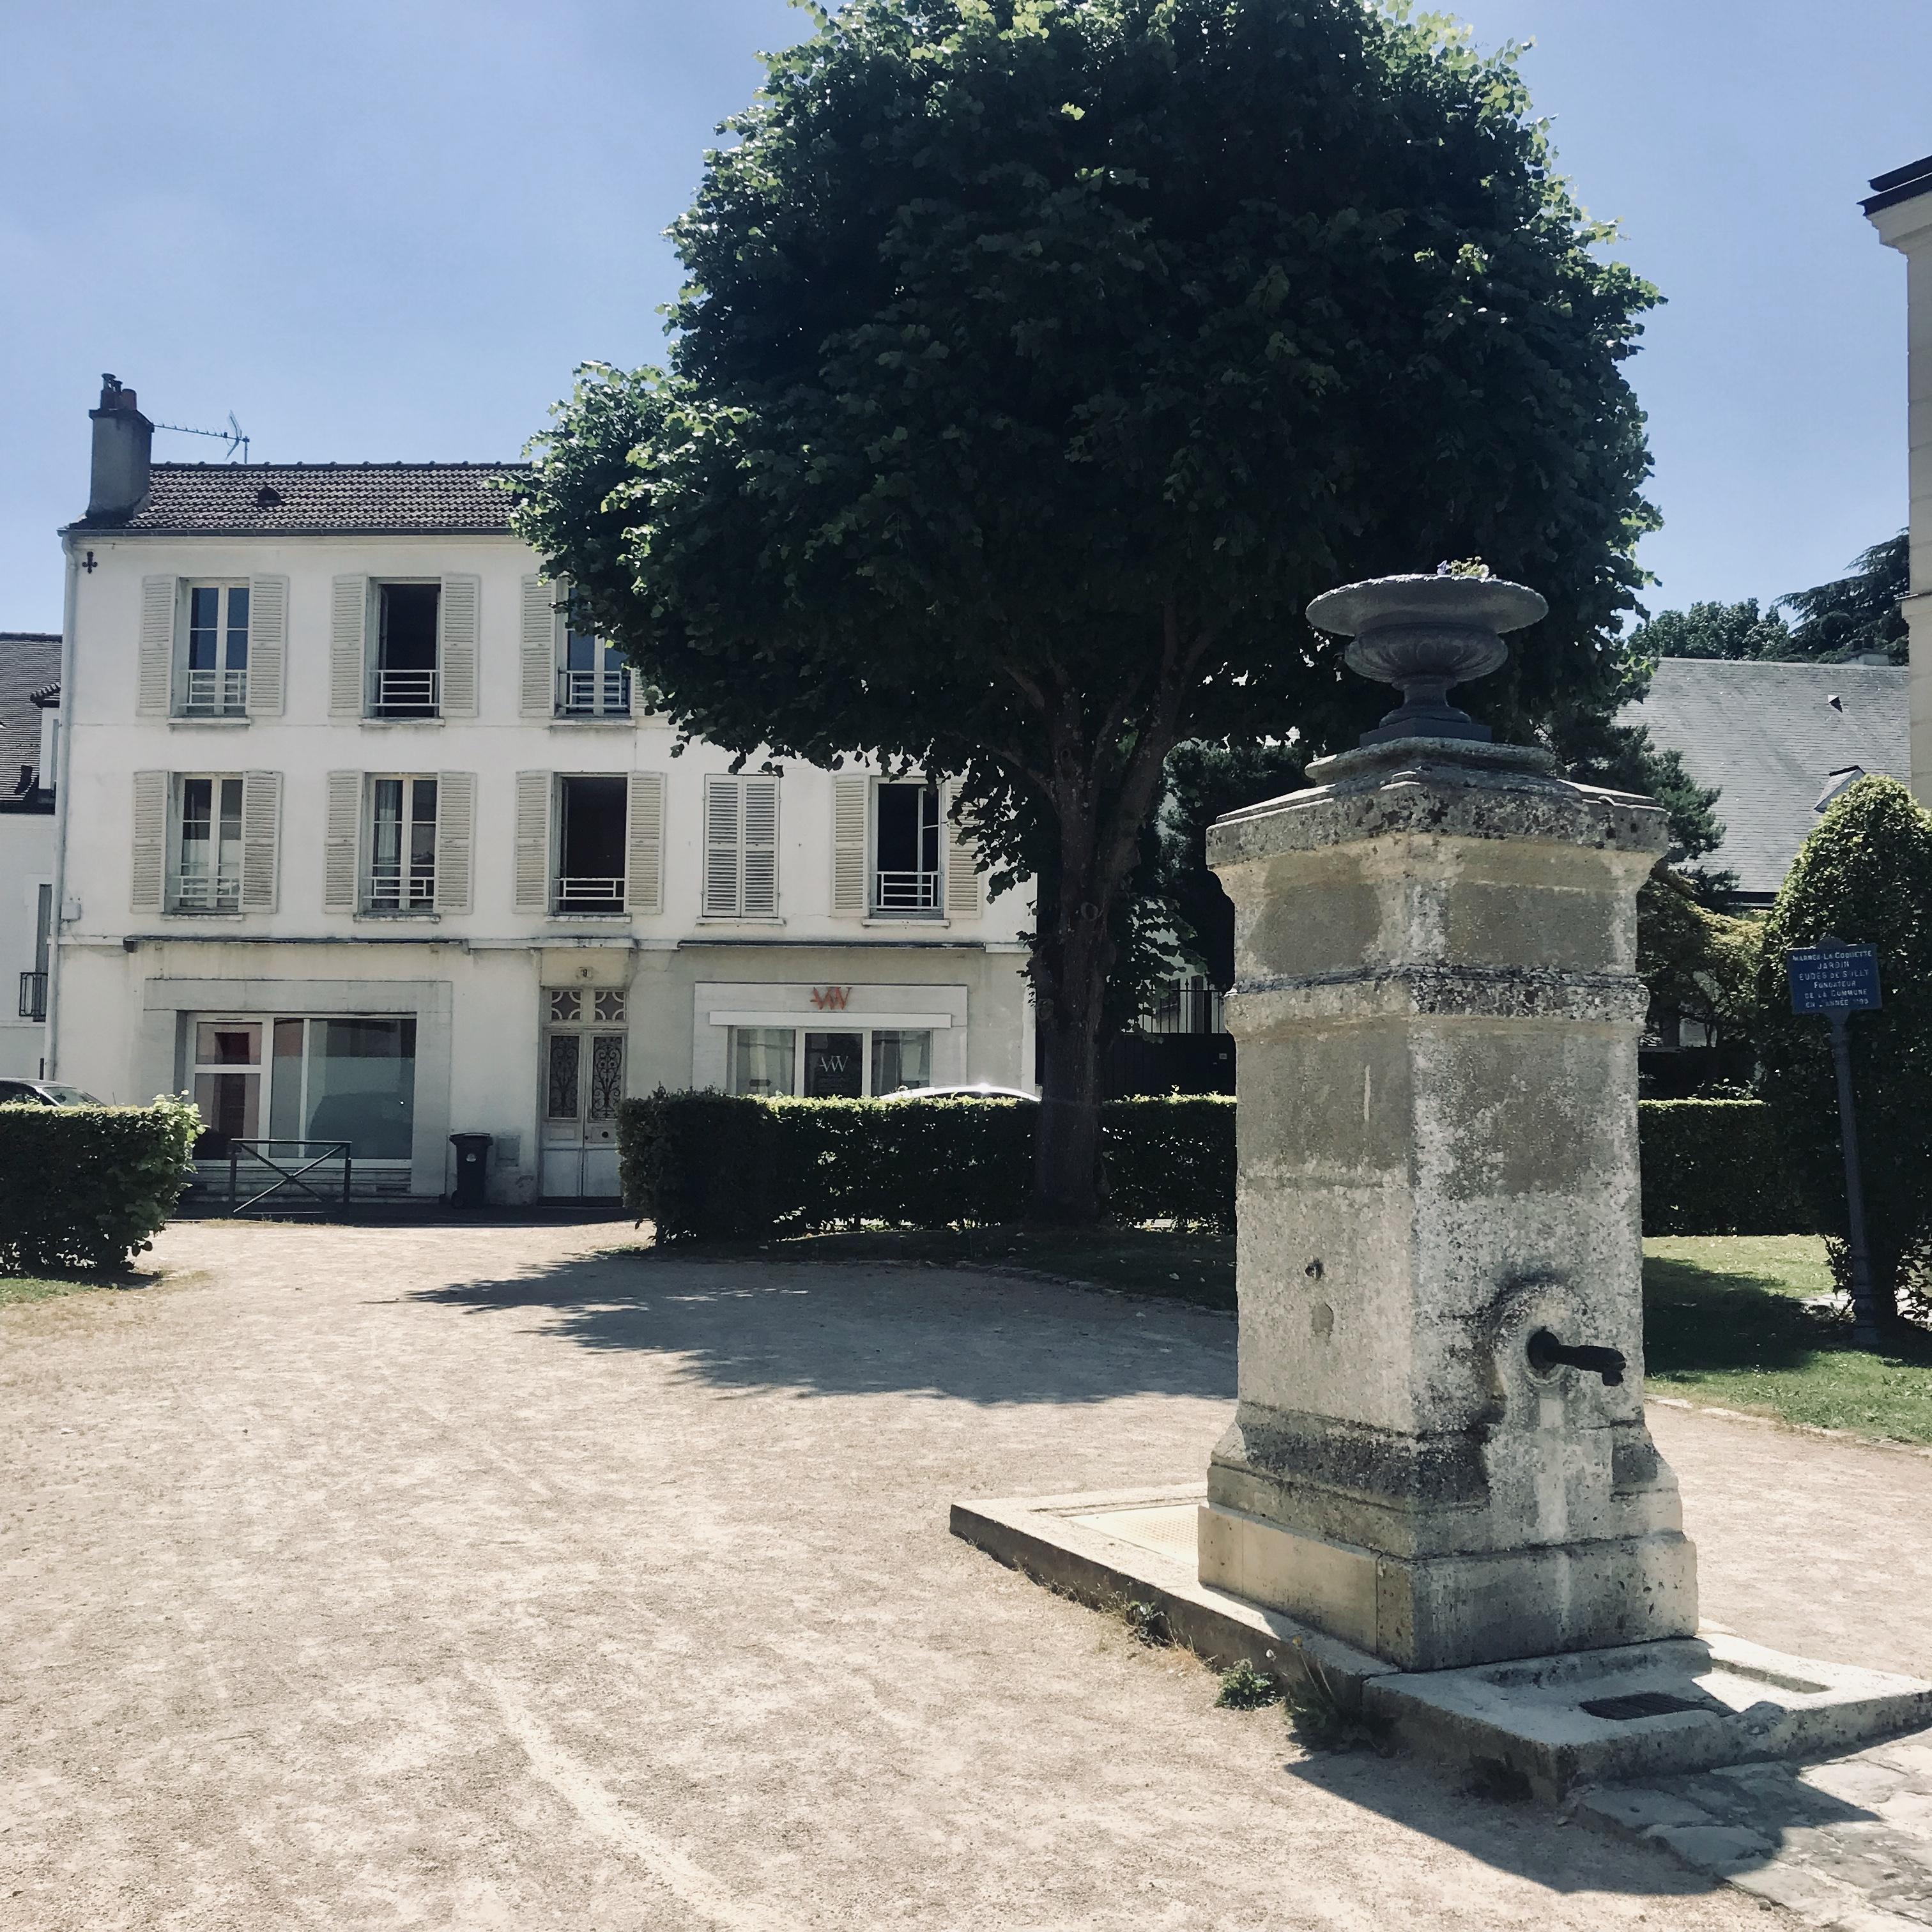 Marnes-la-Coquette / © Vianney Delourme pour Enlarge your Paris